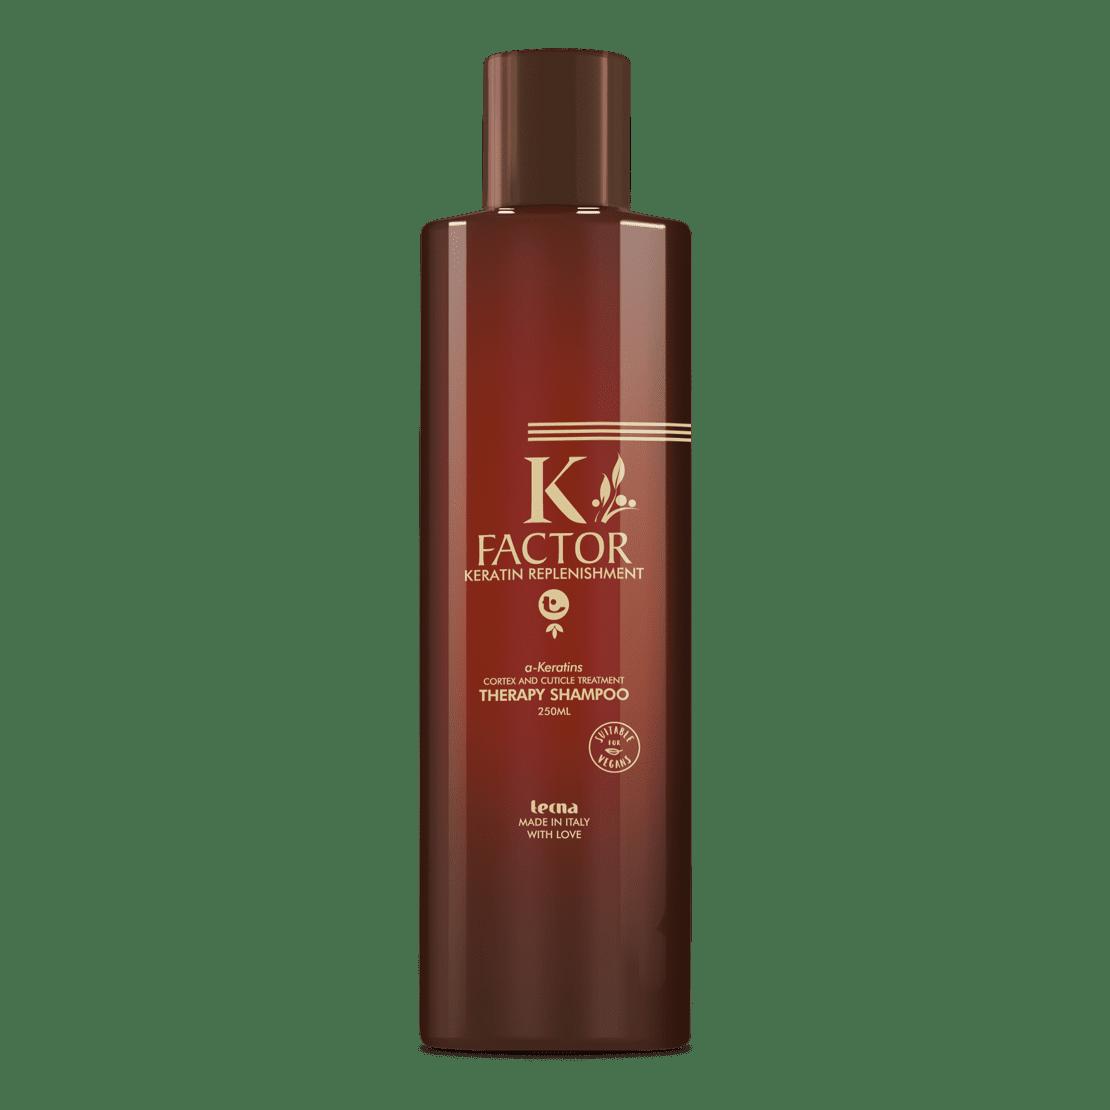 shampoo-k-factor-per-eliminare-il-crespo-di-tecna